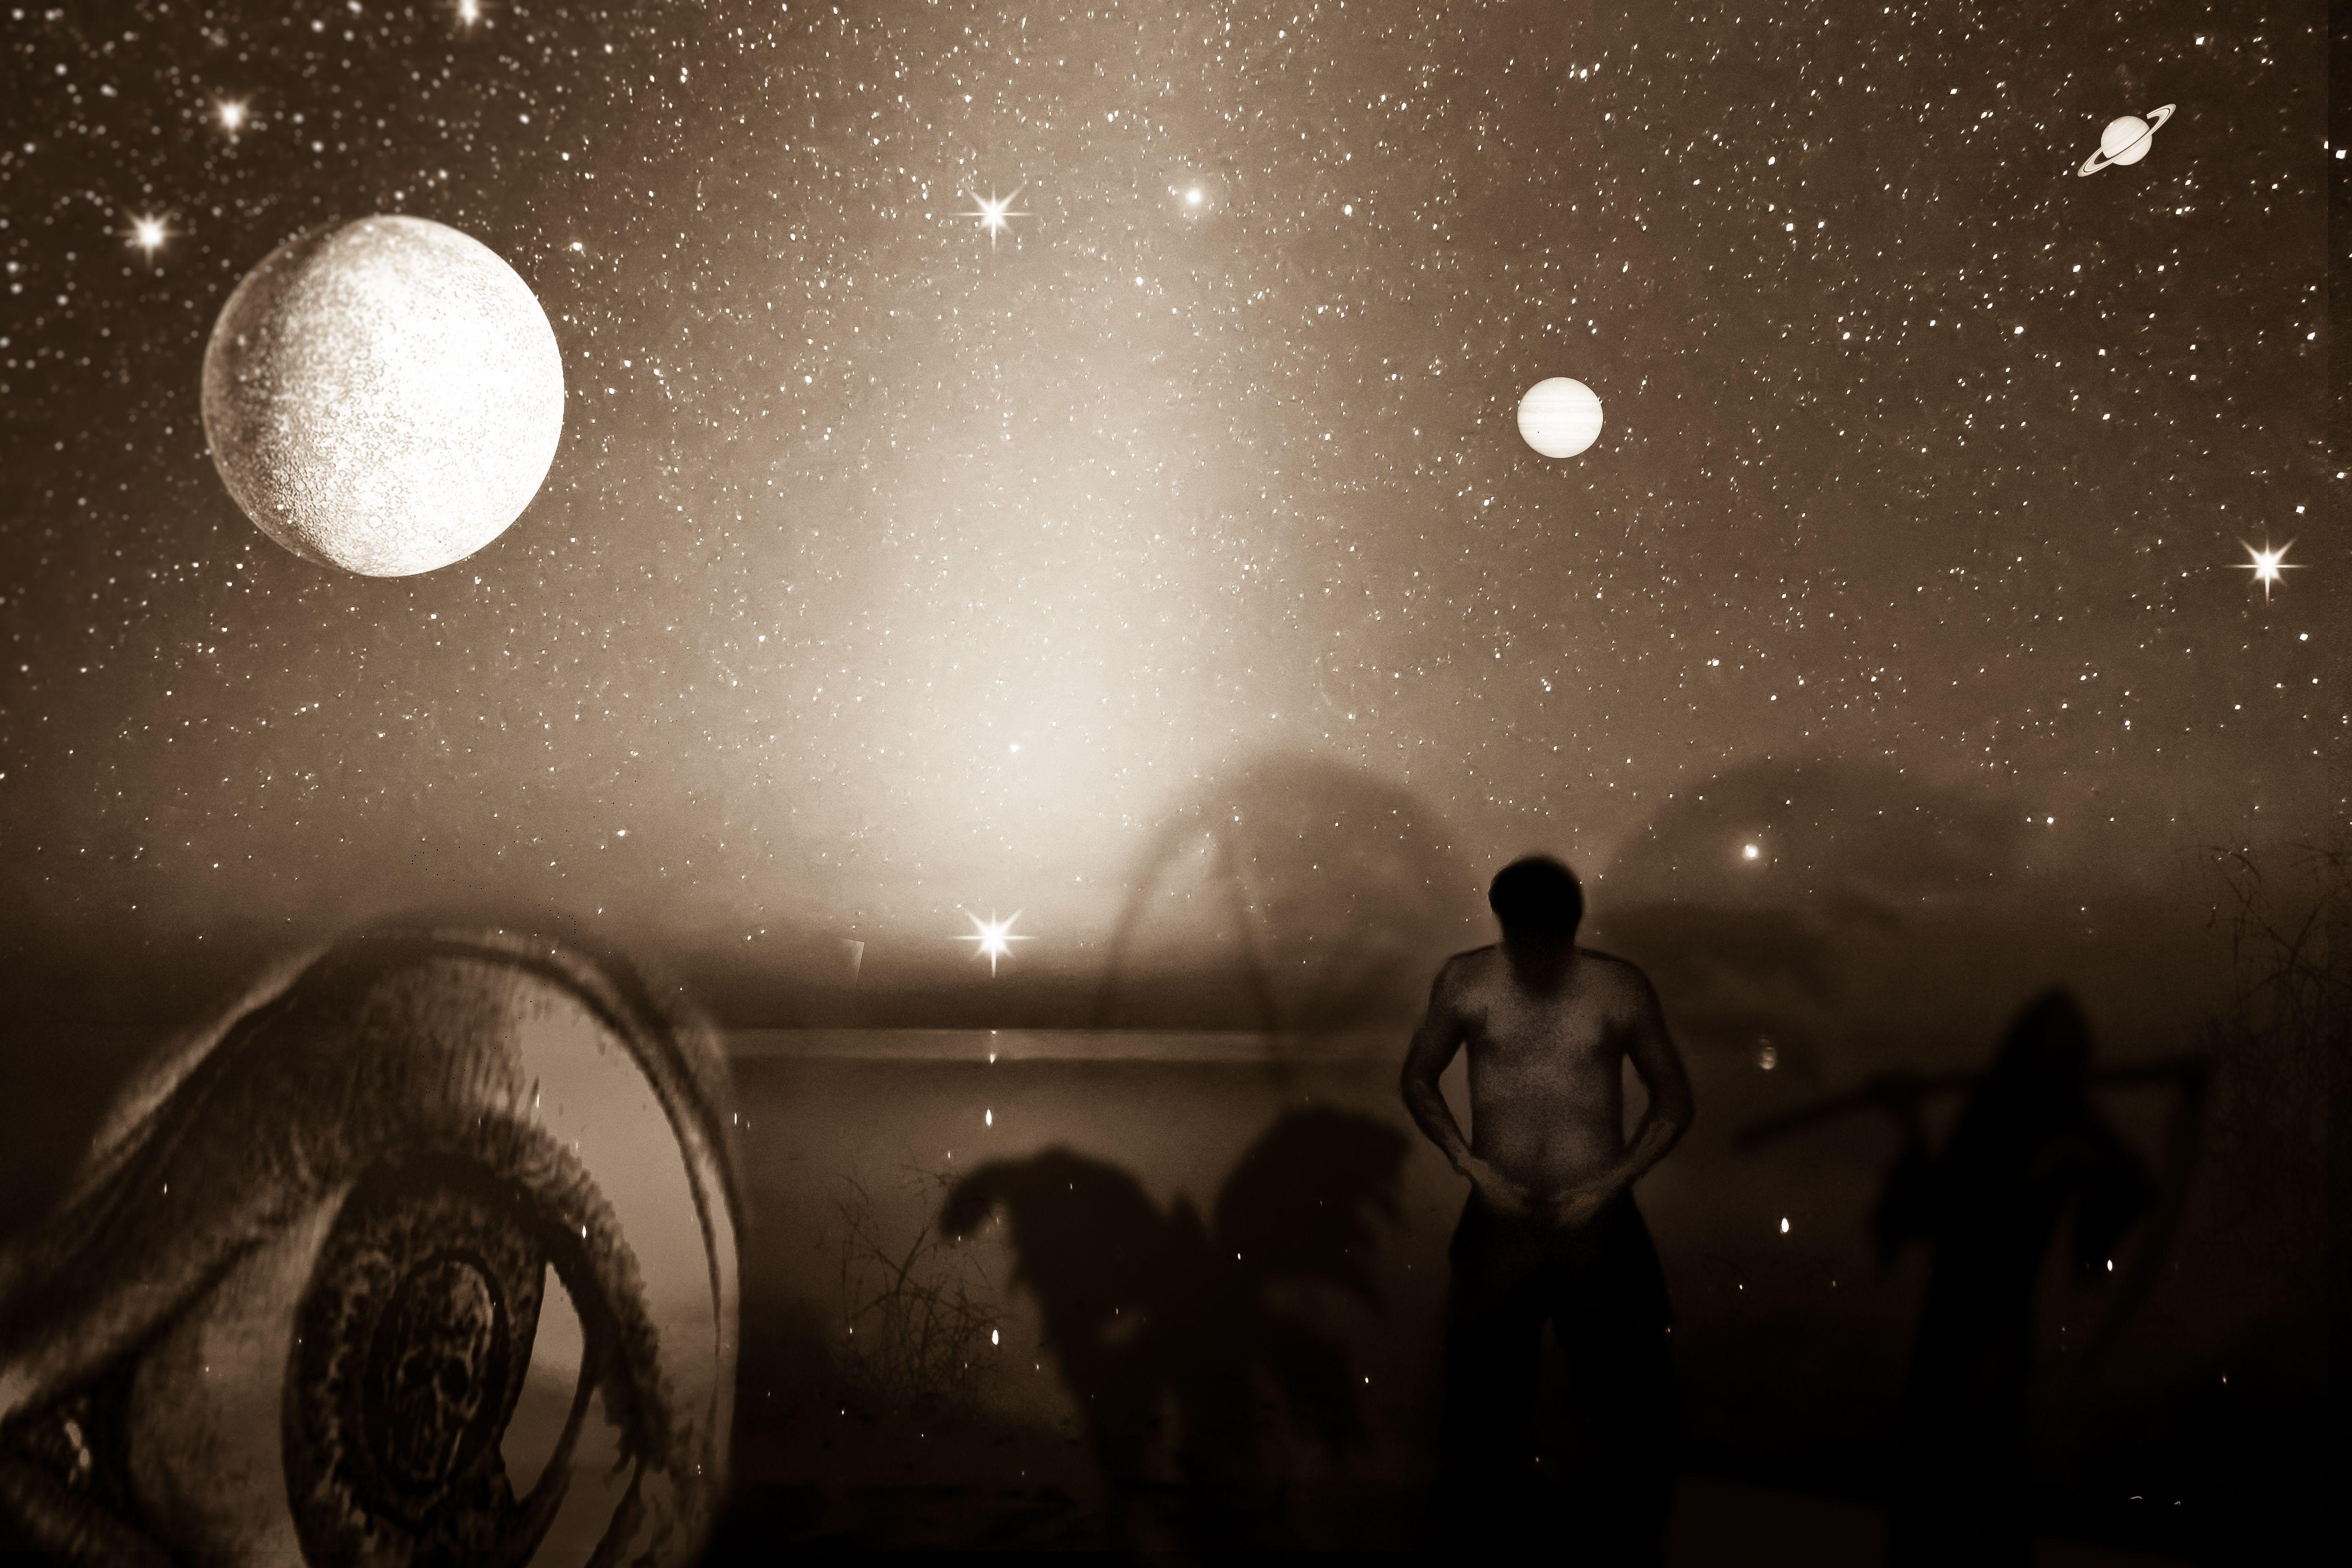 """""""Hipokhondrión"""" fotomontaje que me identifica y sobre cuyo tema escribí un poema. La mirada obsesiva sobre mí mismo, las sombras de la muerte (la mirada fija en el temor) se contrapone al exterior, a la inmensidad y a la grandeza de la vida que nos rodea y que no podemos ver..."""